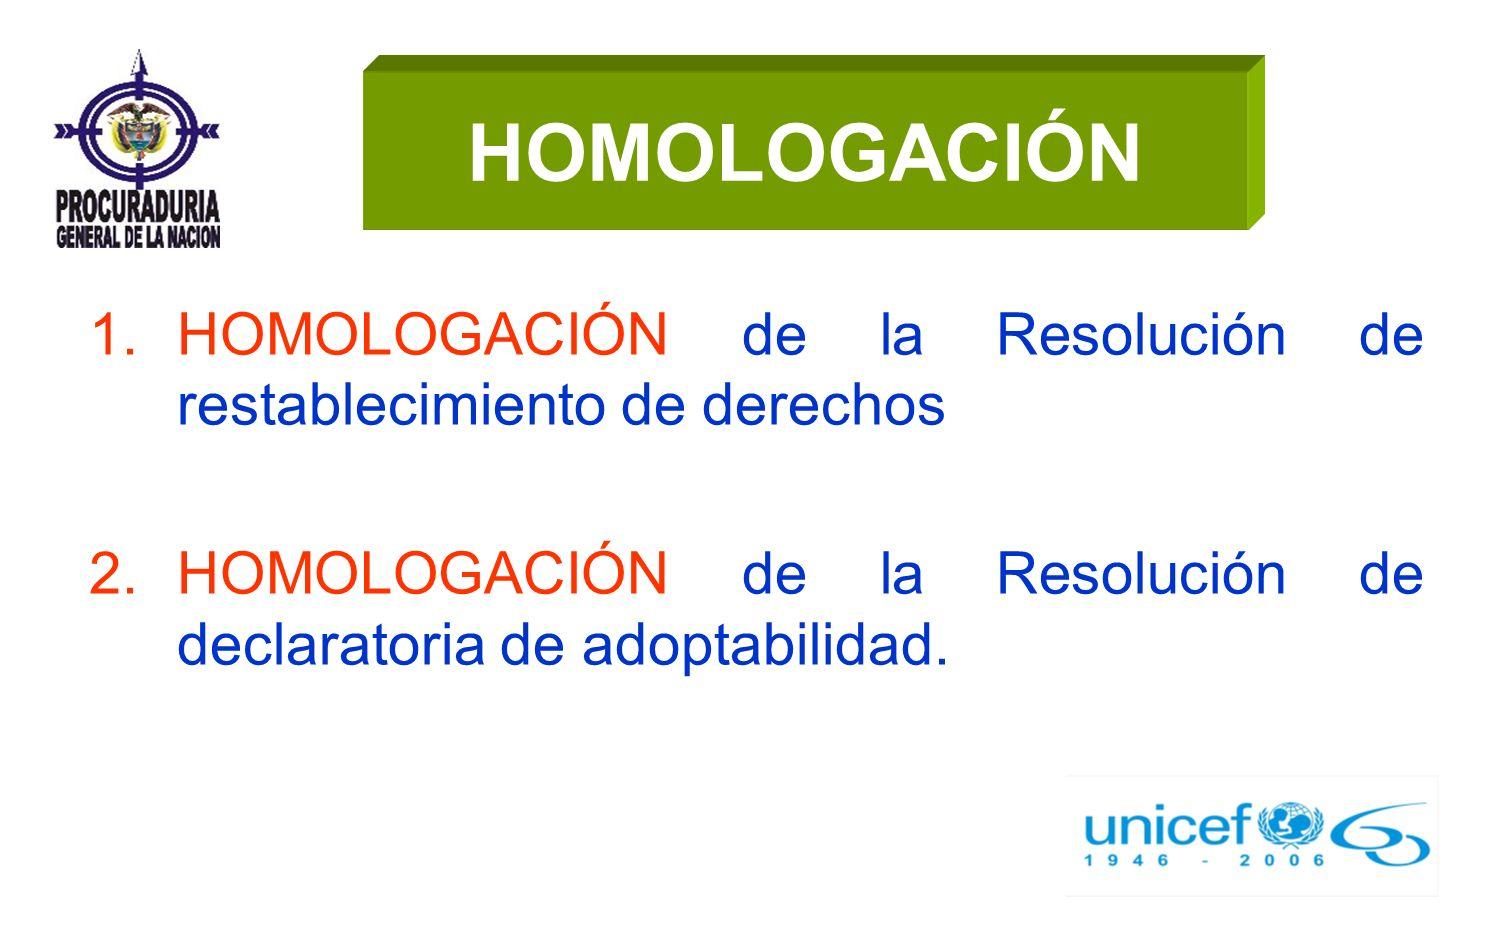 HOMOLOGACIÓN 1.HOMOLOGACIÓN de la Resolución de restablecimiento de derechos 2.HOMOLOGACIÓN de la Resolución de declaratoria de adoptabilidad.